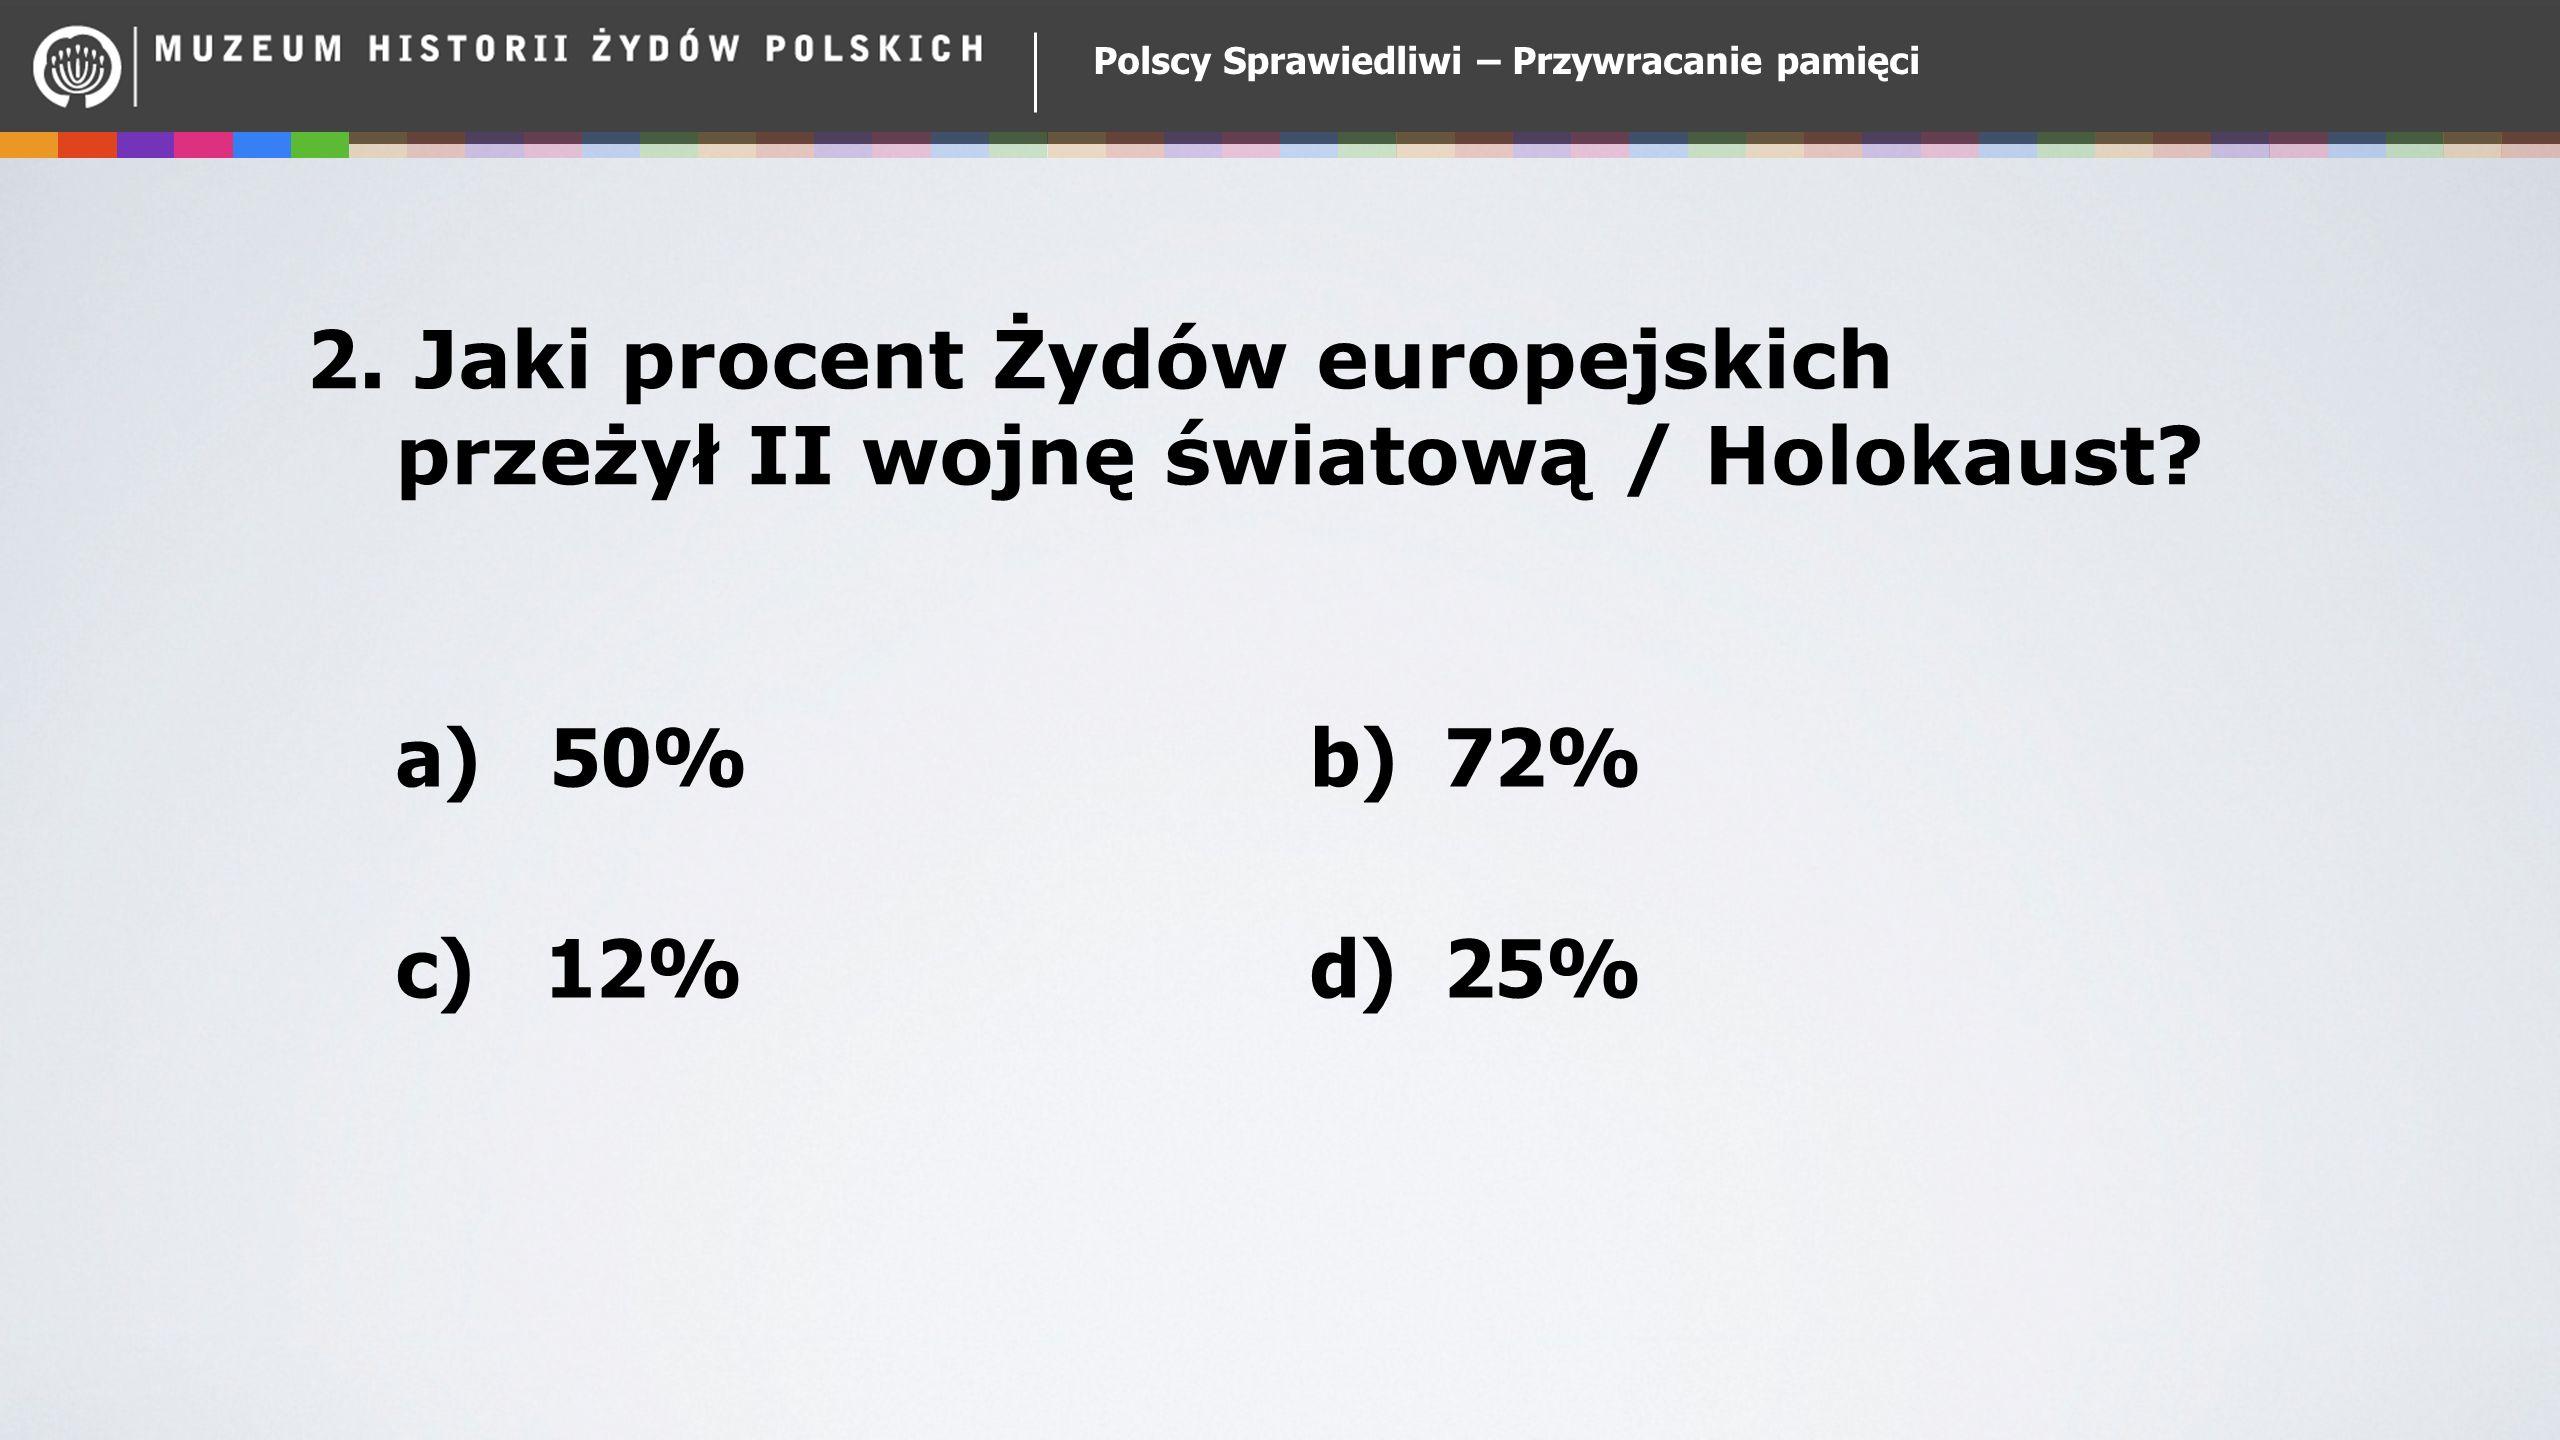 Polscy Sprawiedliwi – Przywracanie pamięci 2. Jaki procent Żydów europejskich przeżył II wojnę światową / Holokaust? a) 50% b) 72% c) 12% d) 25%